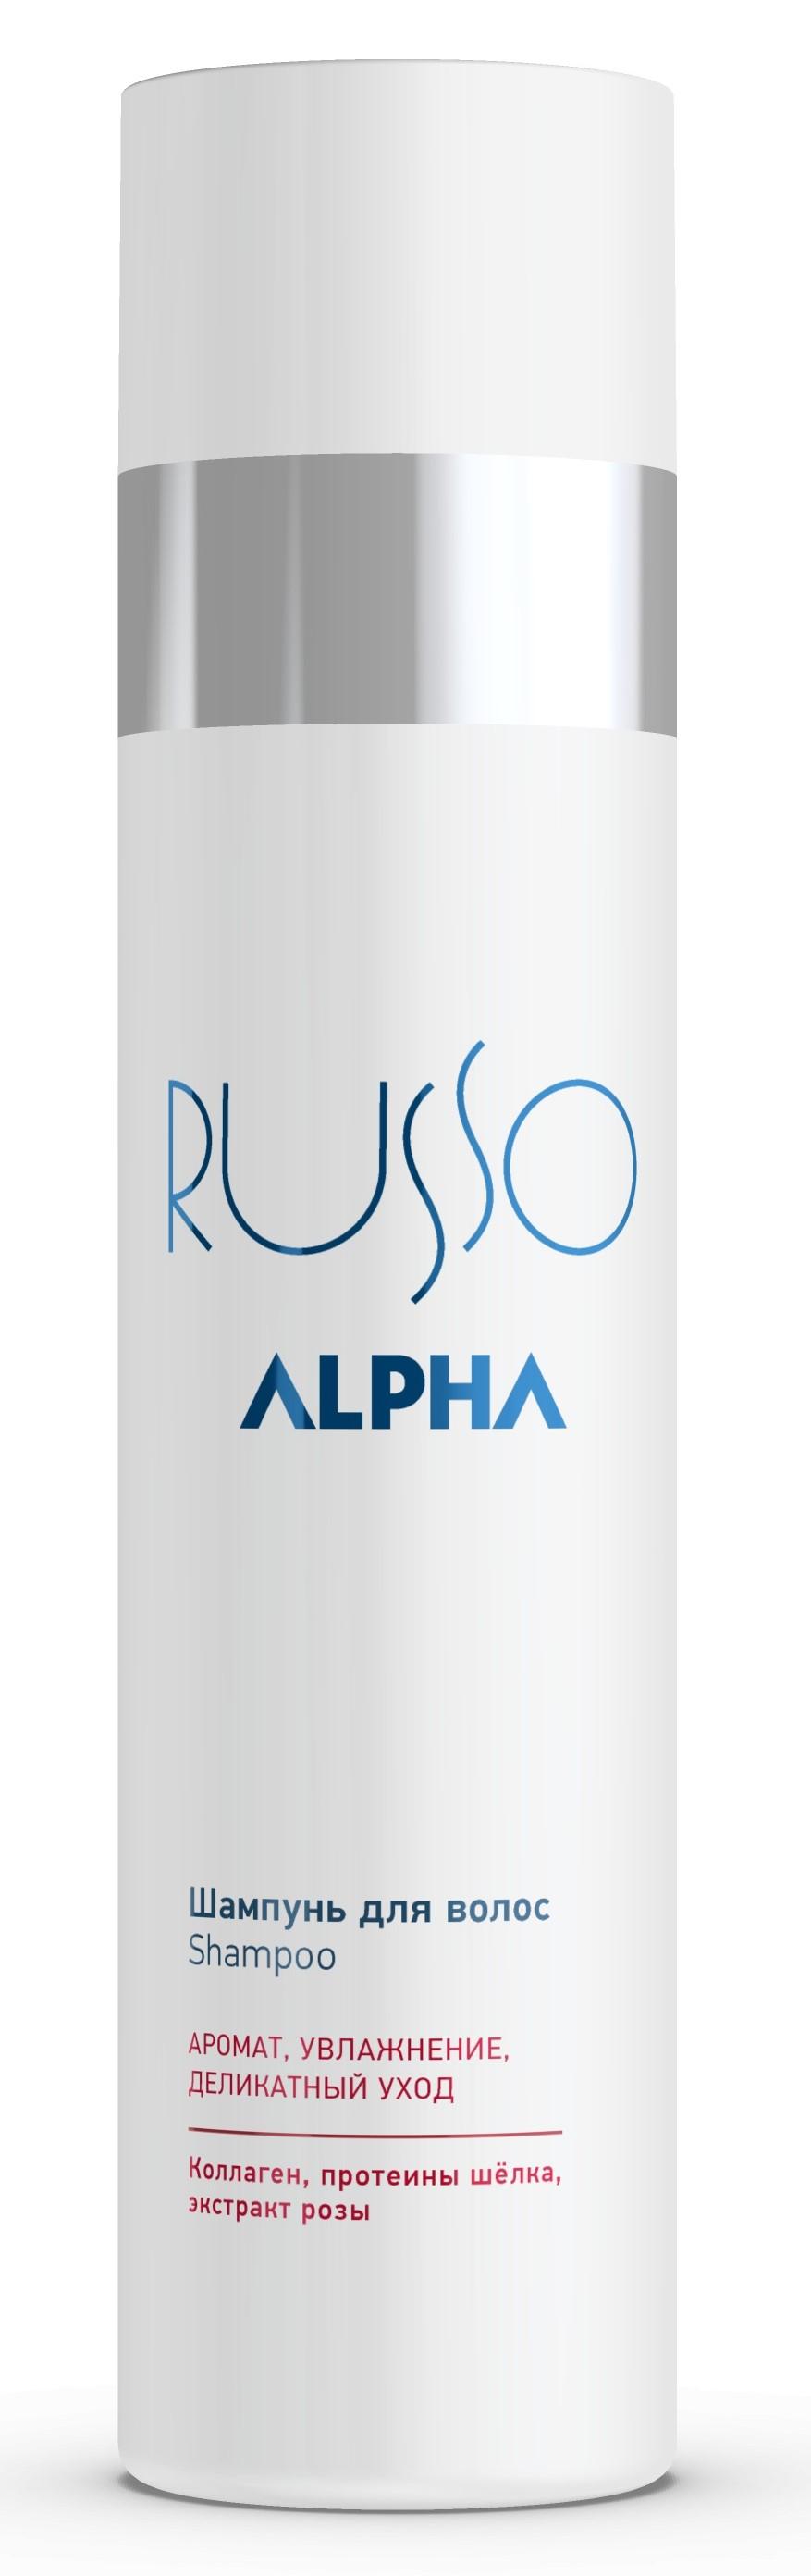 Купить Estel Шампунь для волос Alpha, 250 мл (Estel, Russo), Россия